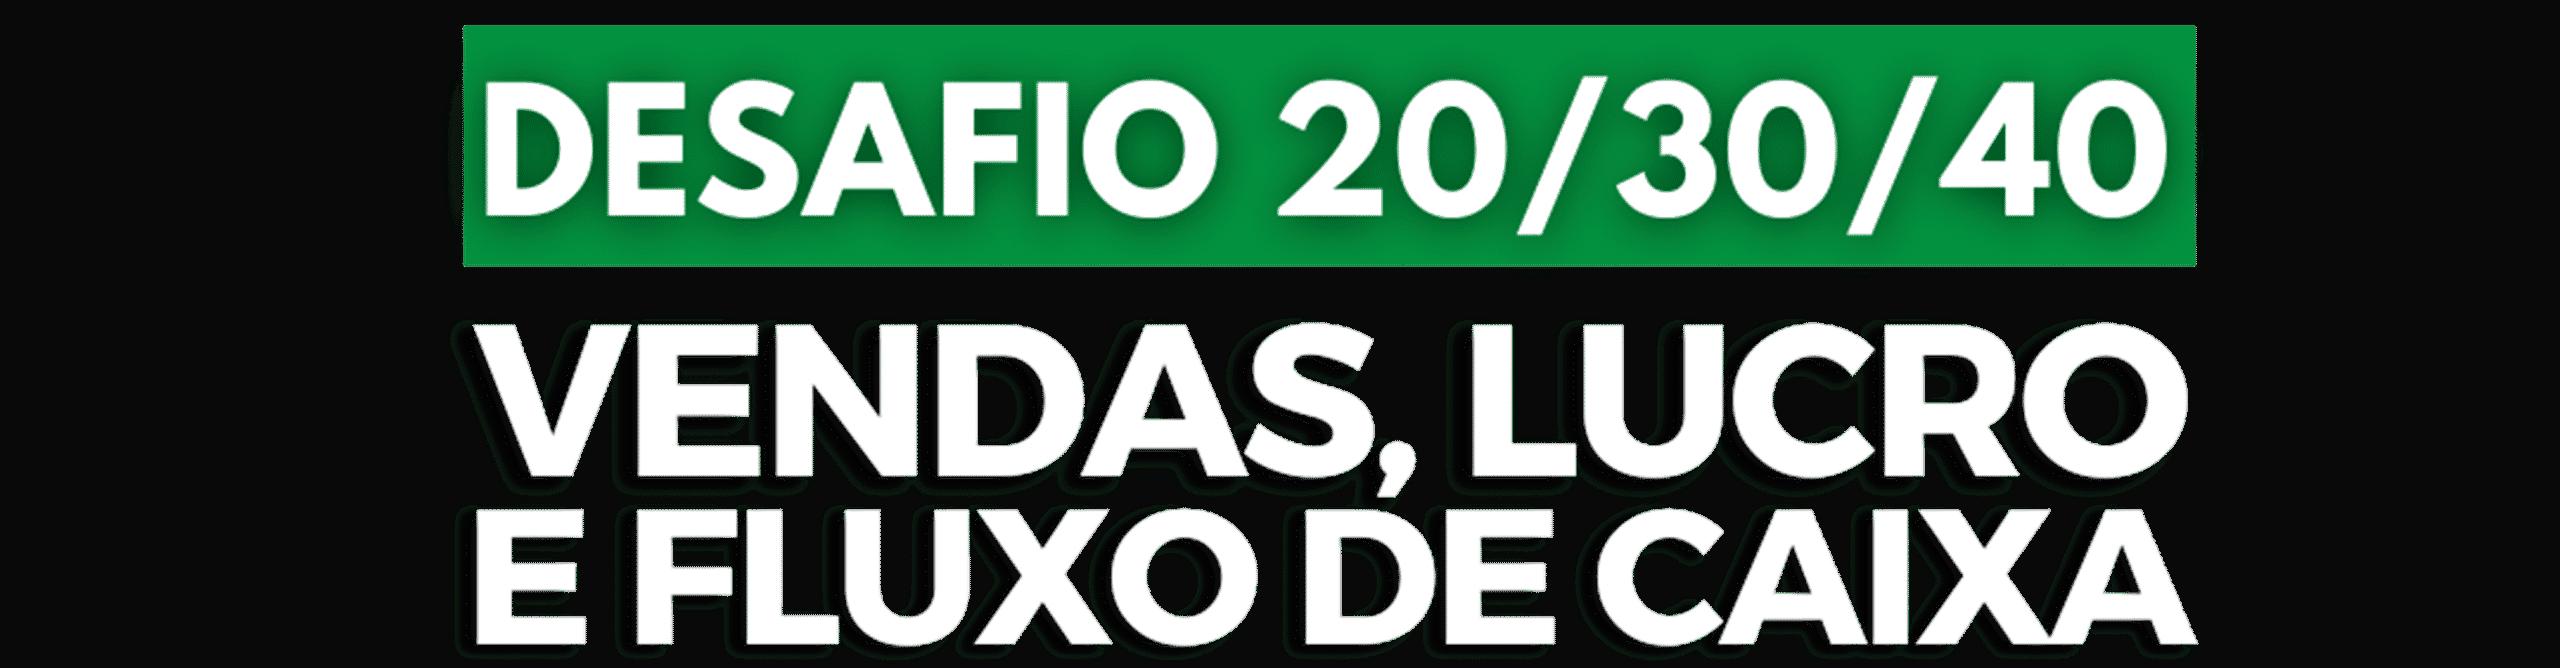 desafio203040-logo